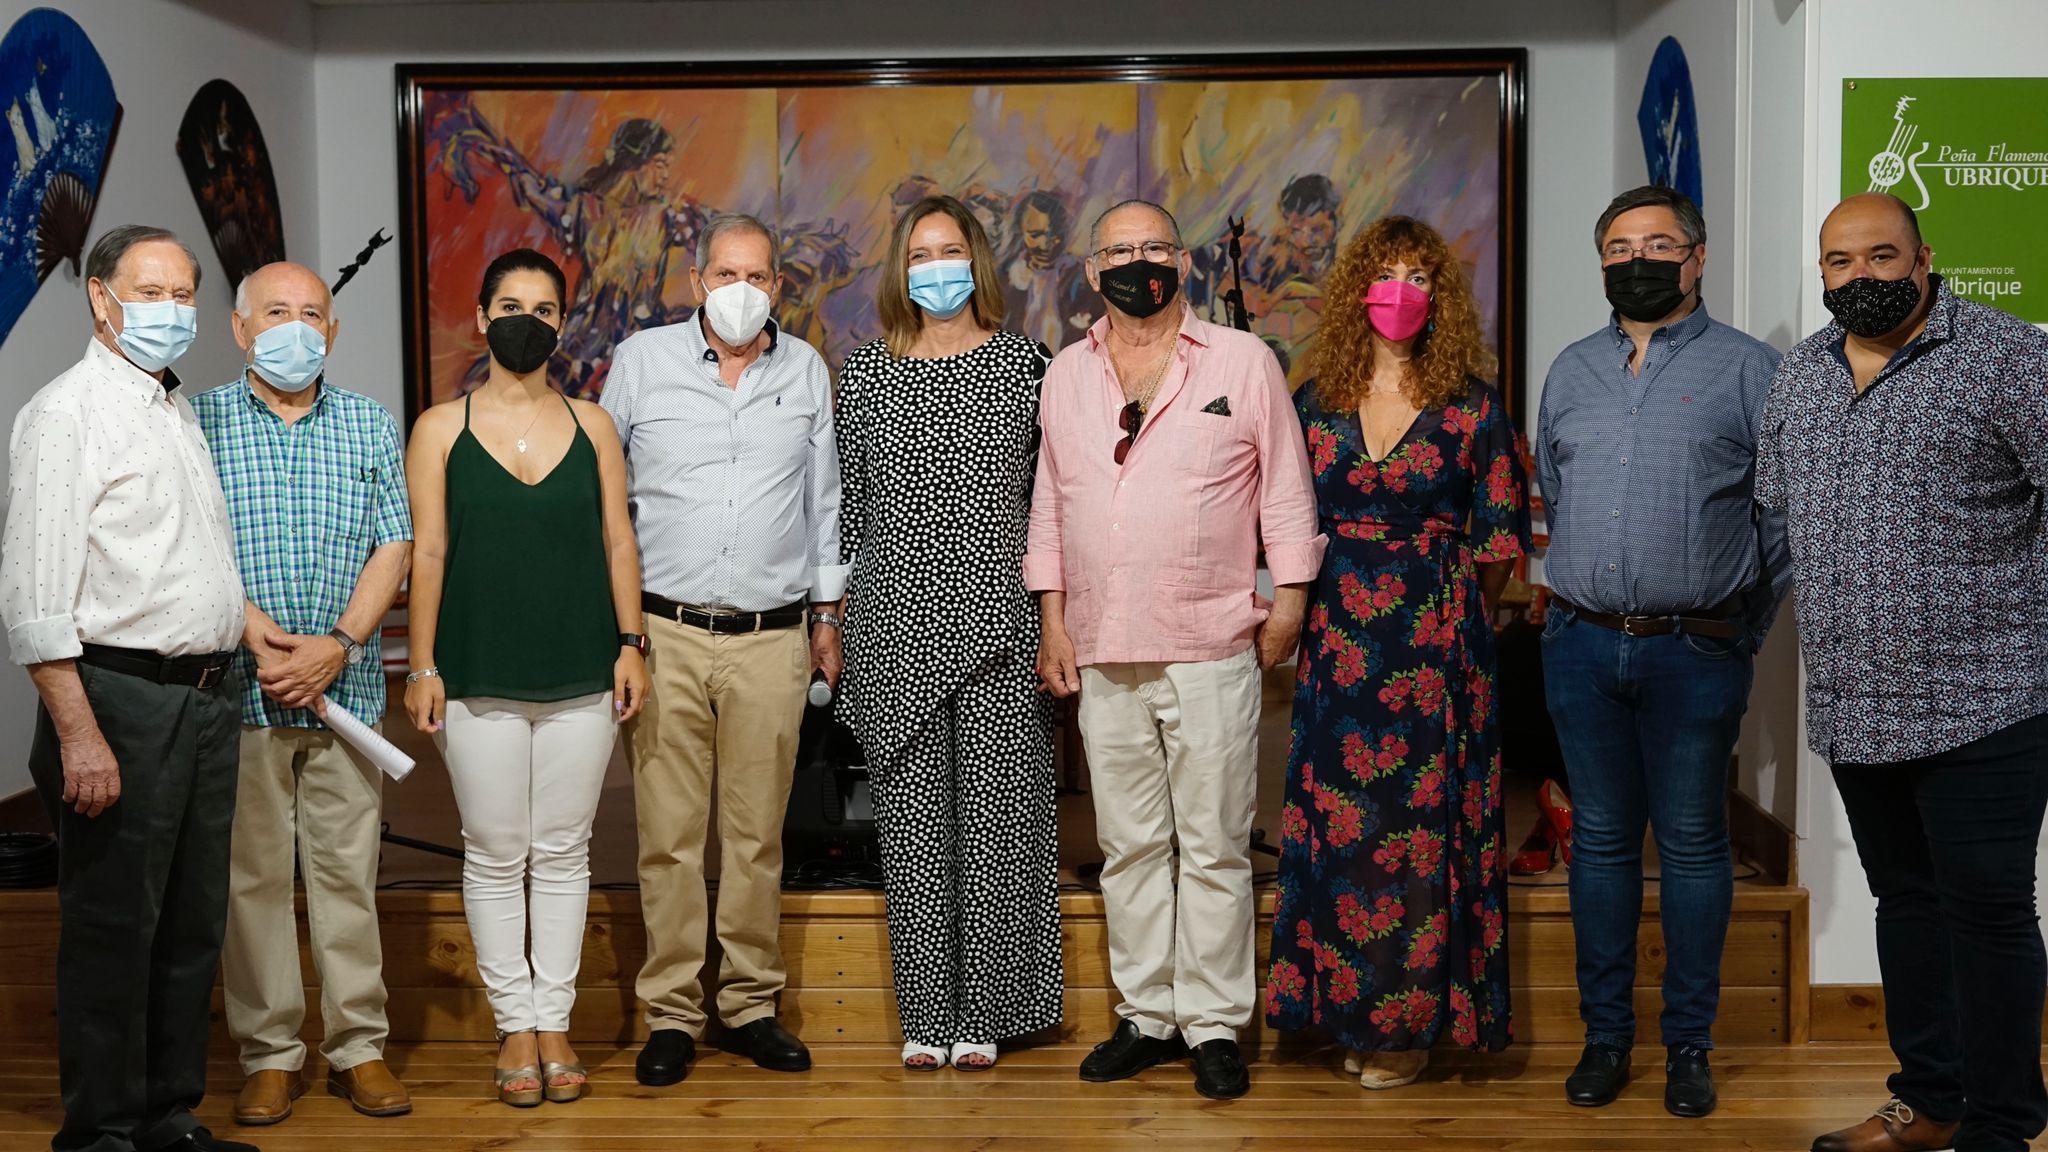 Convocado el XXXIII Concurso Nacional de Arte Flamenco 'Ciudad de Ubrique'